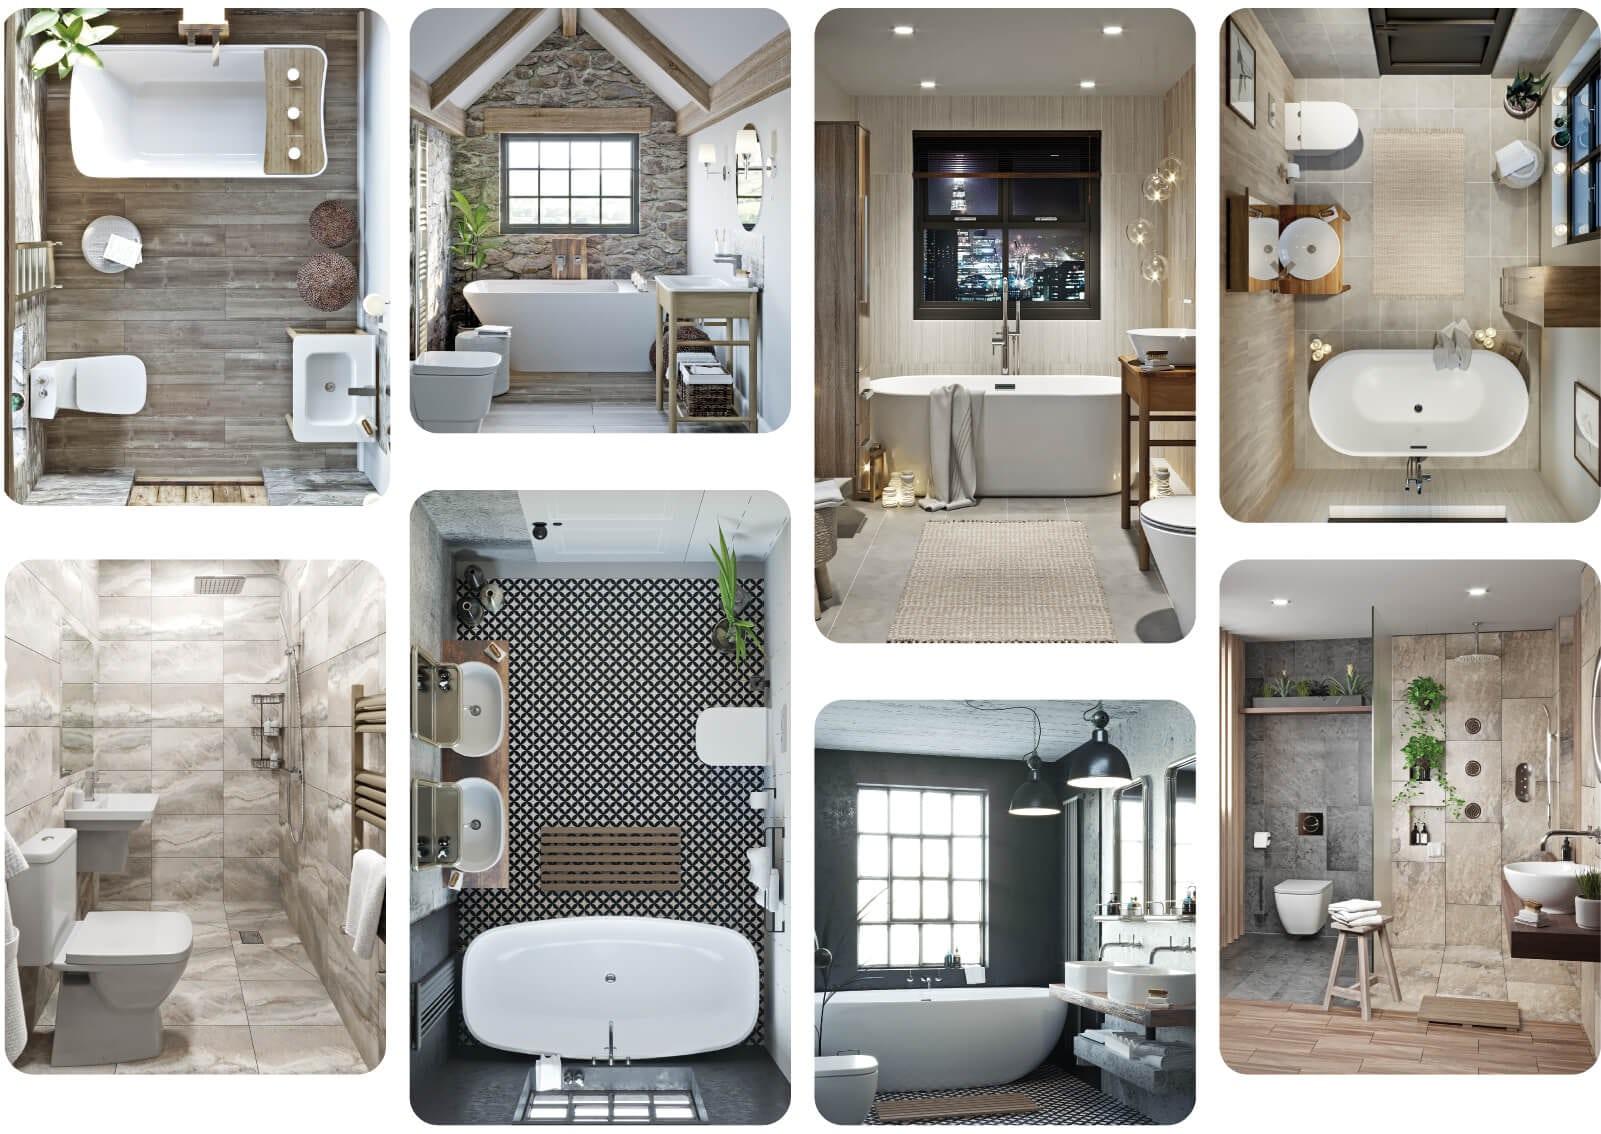 Nice small bathroom inspiration